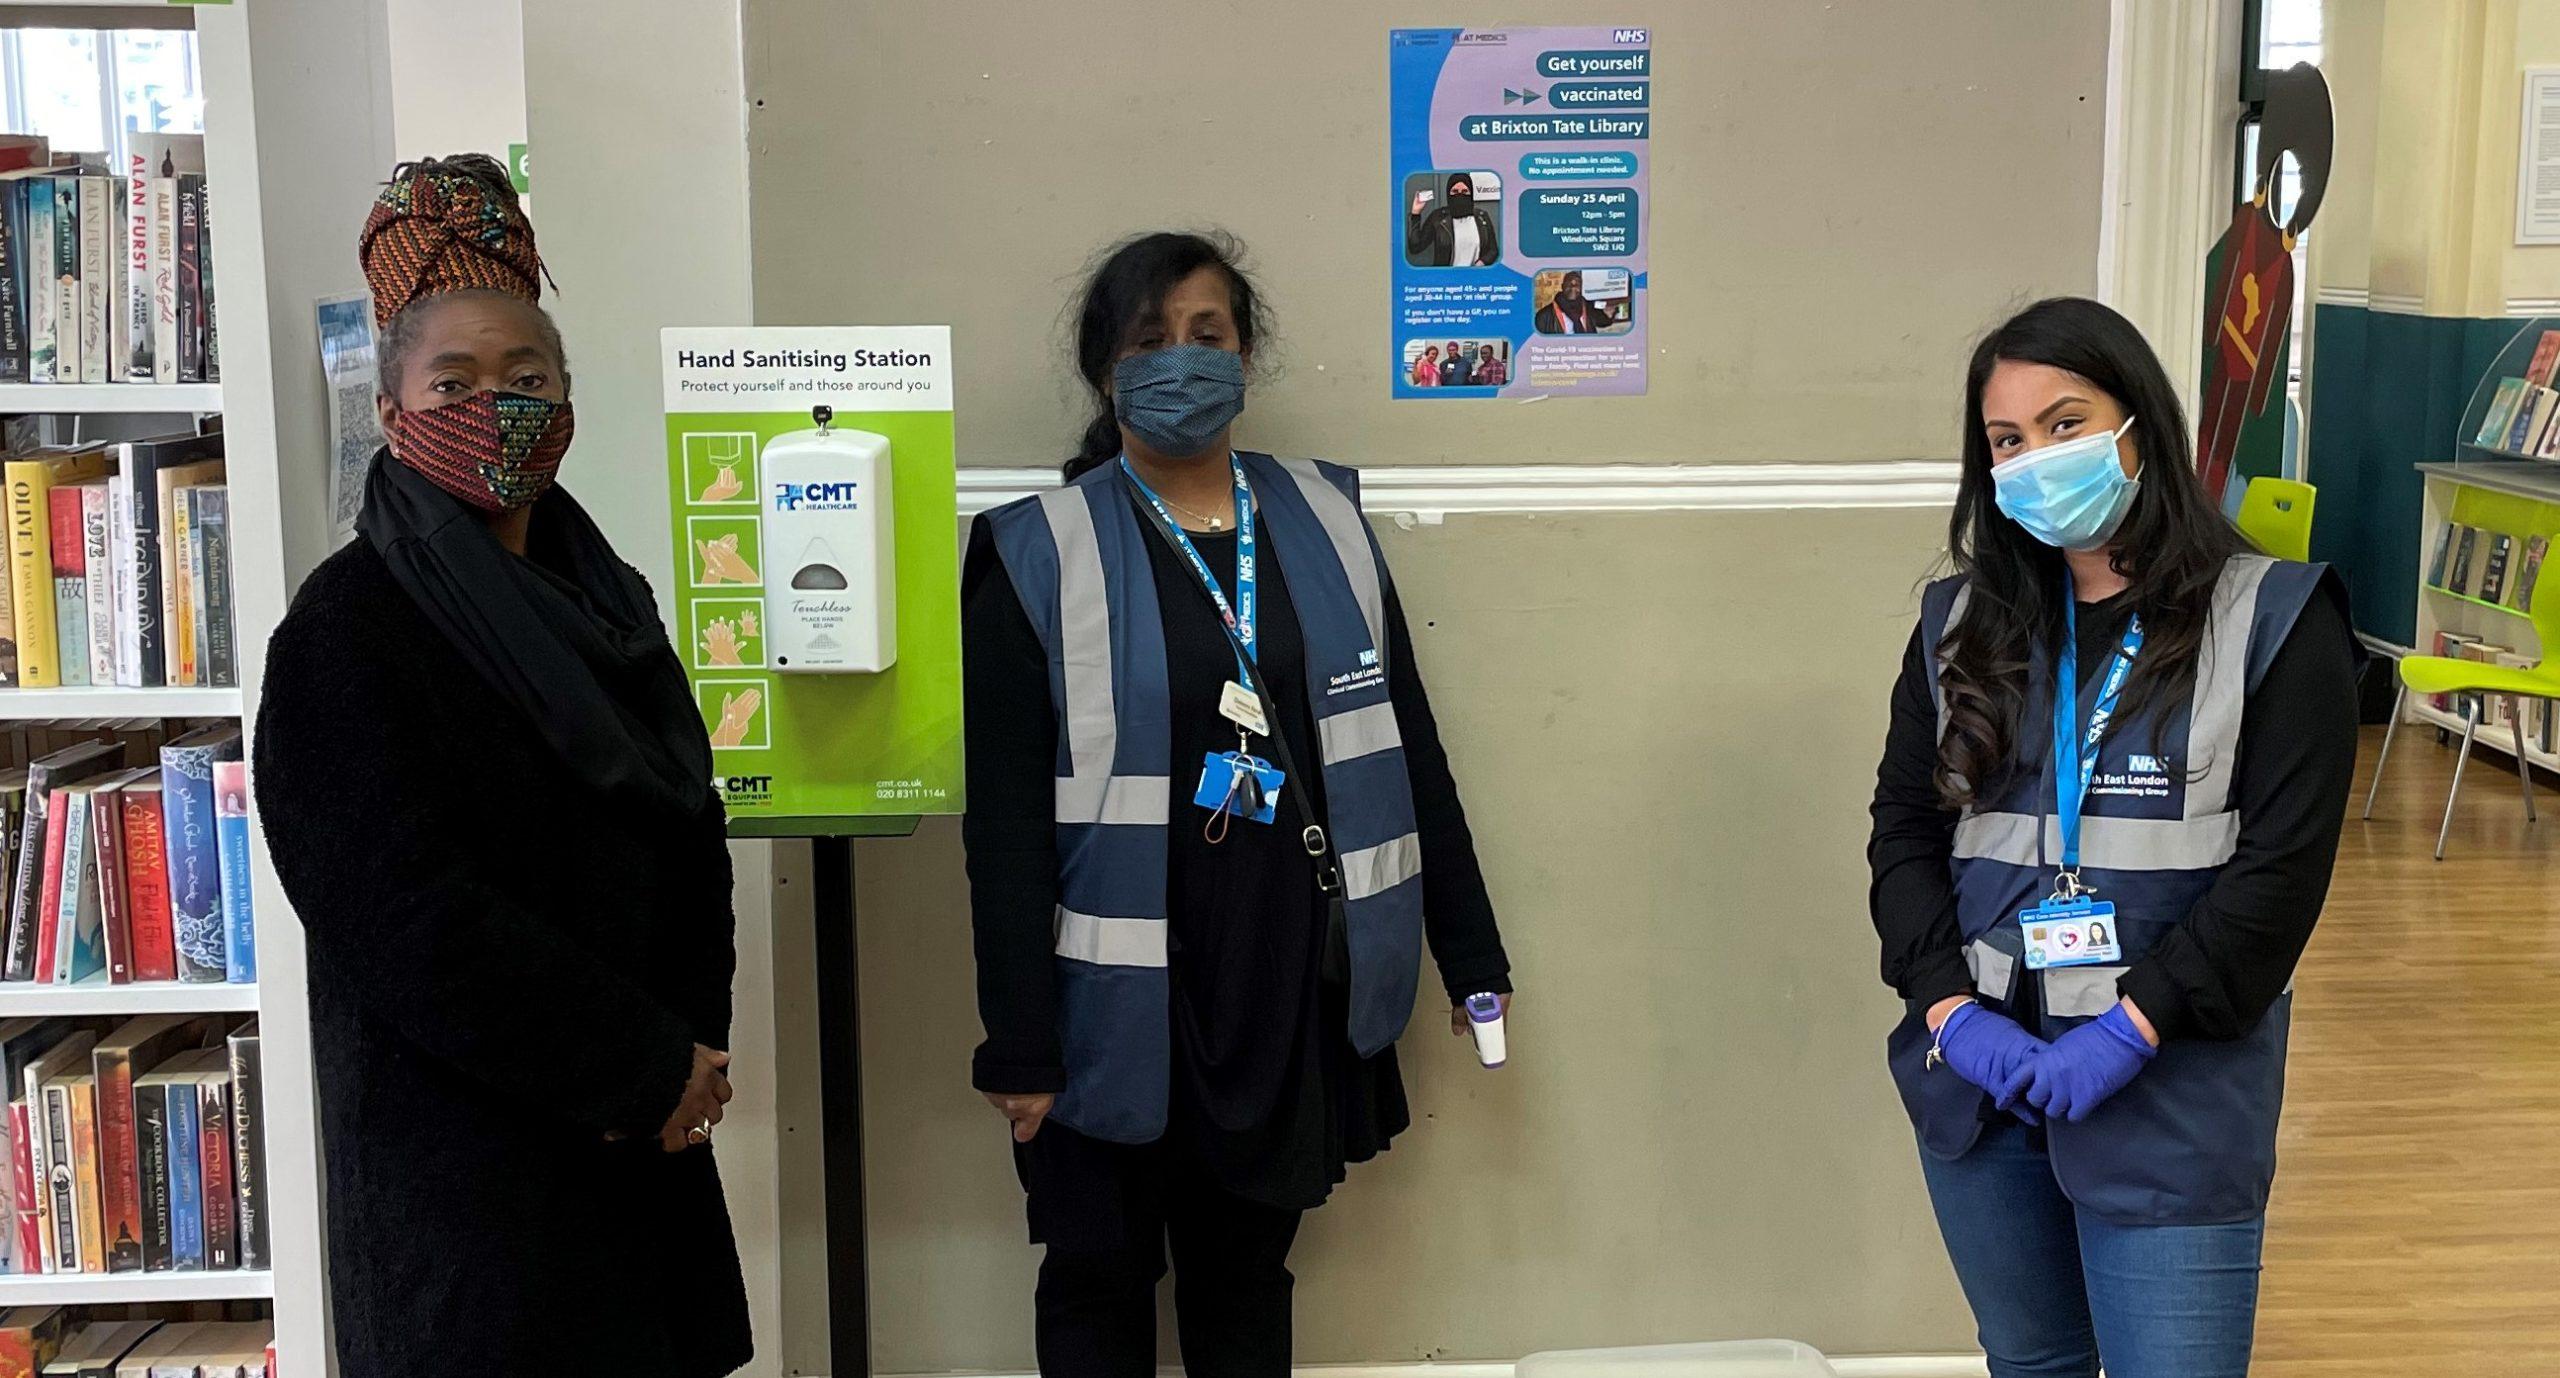 Lambeth: Walk-in Covid-19 vaccination clinics